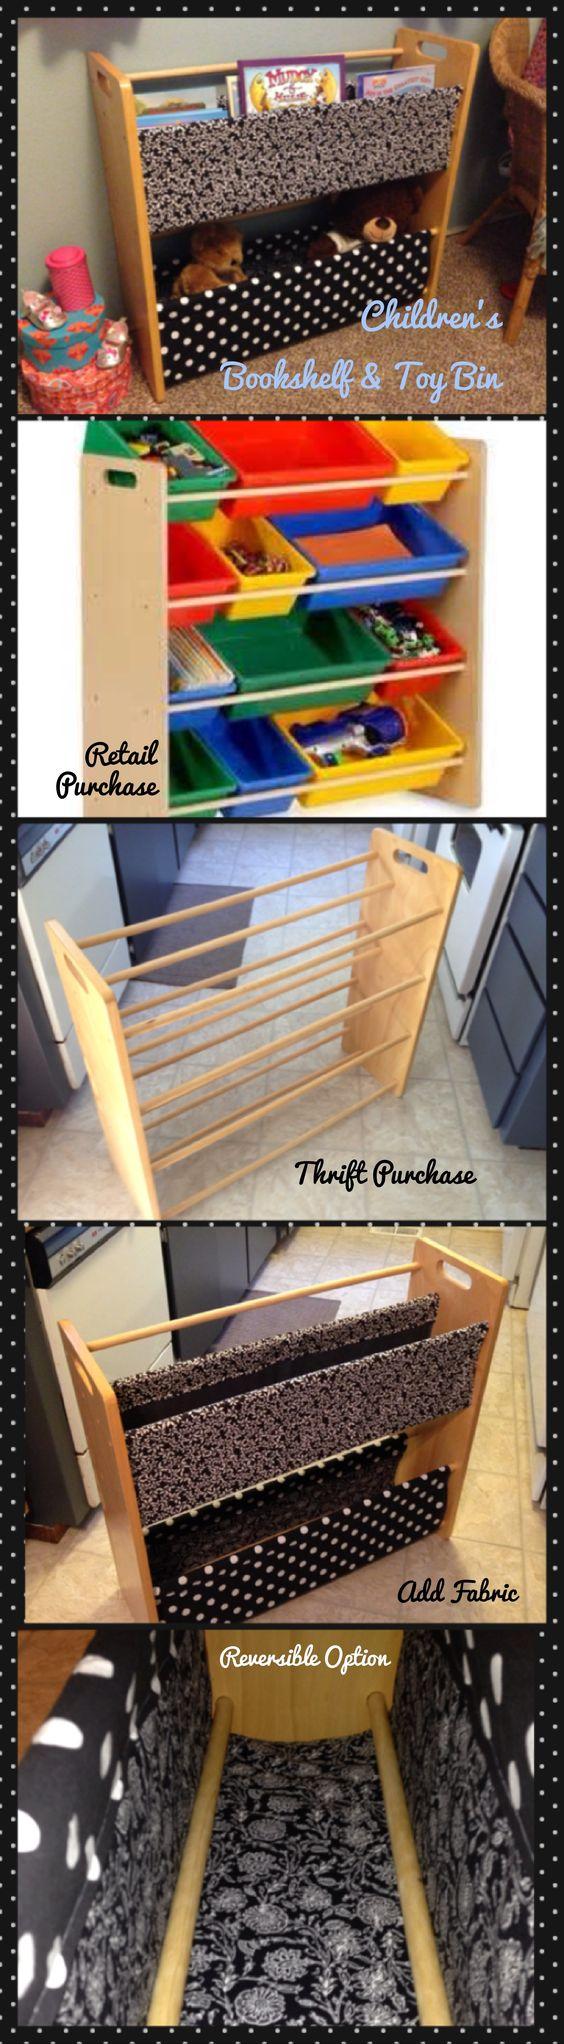 Soft White Kids Toy Chest Wood Box Bin Storage Organizer: DIY Children's Bookshelf & Toy Bin. Made From An Old